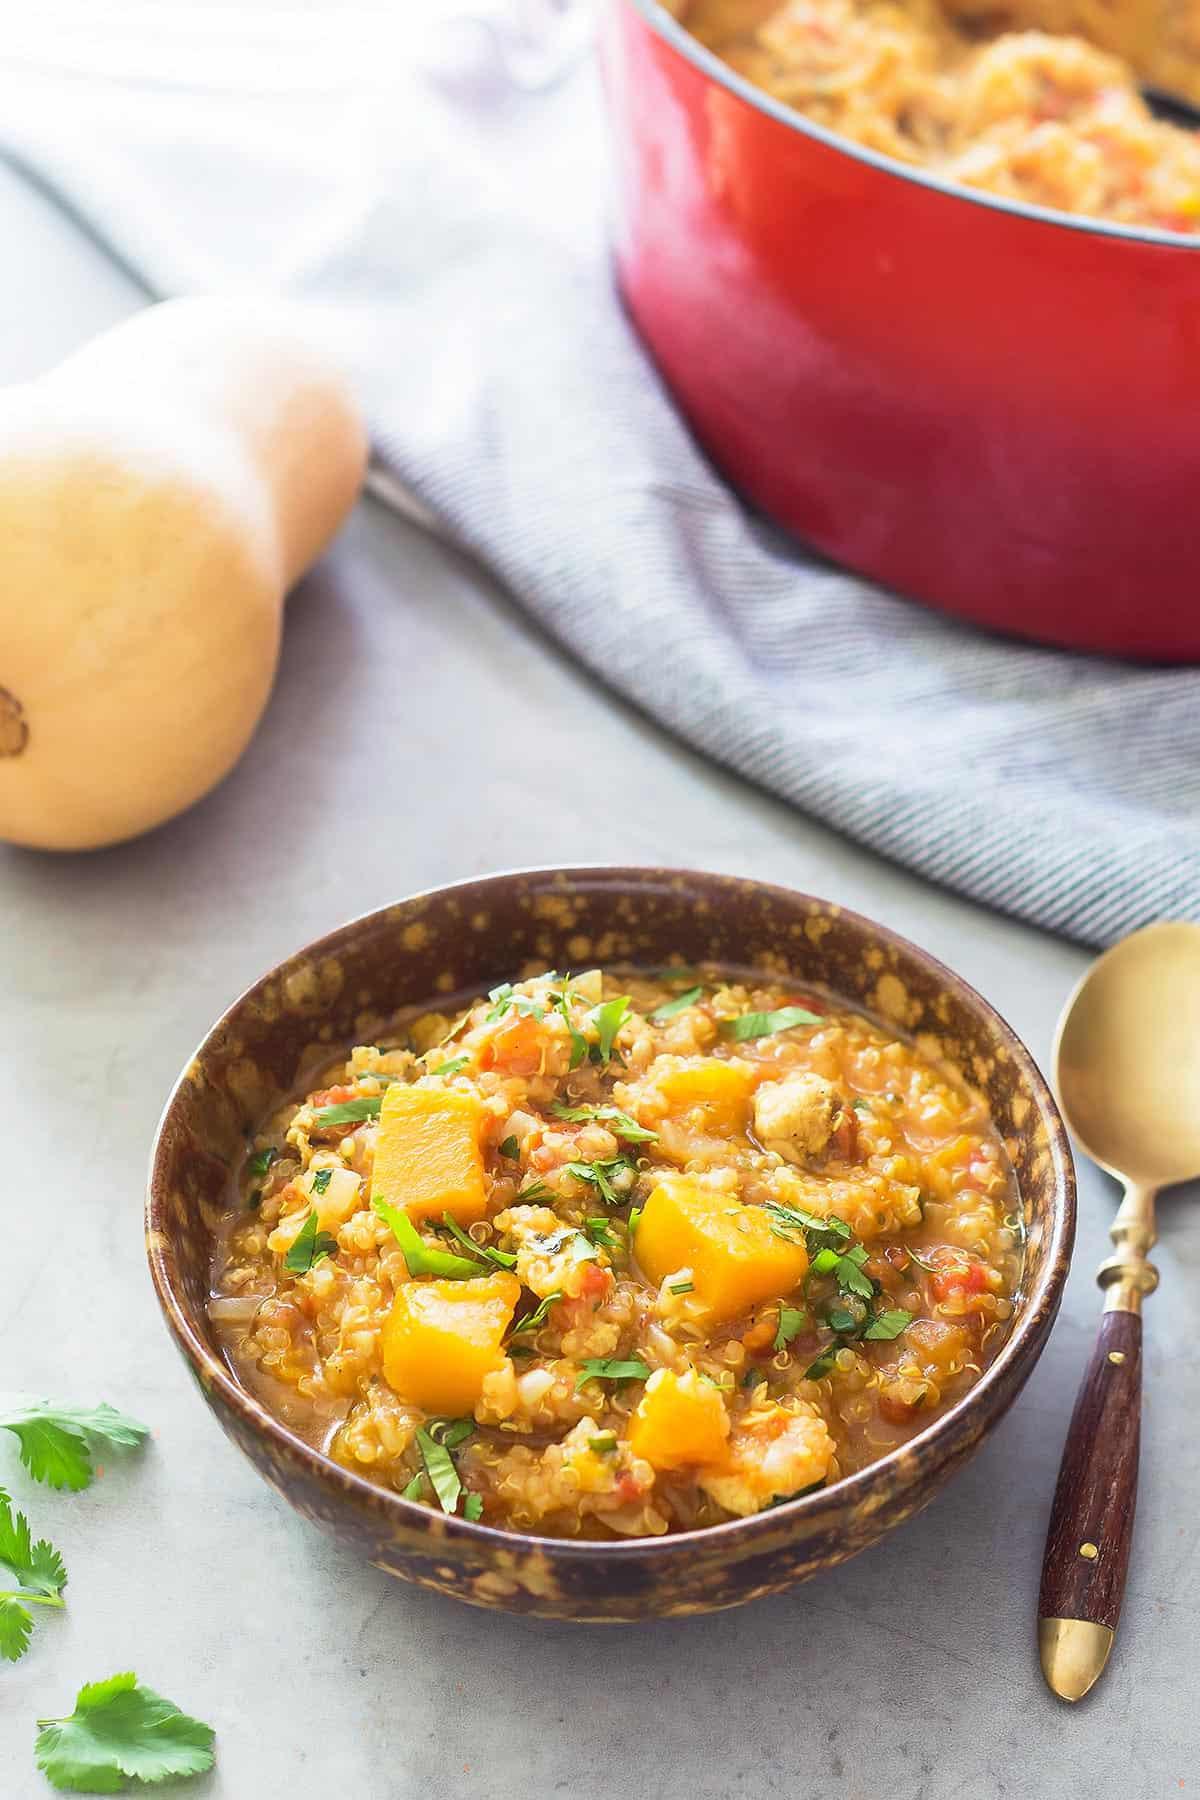 Instant Pot Butternut Squash Chicken Stew